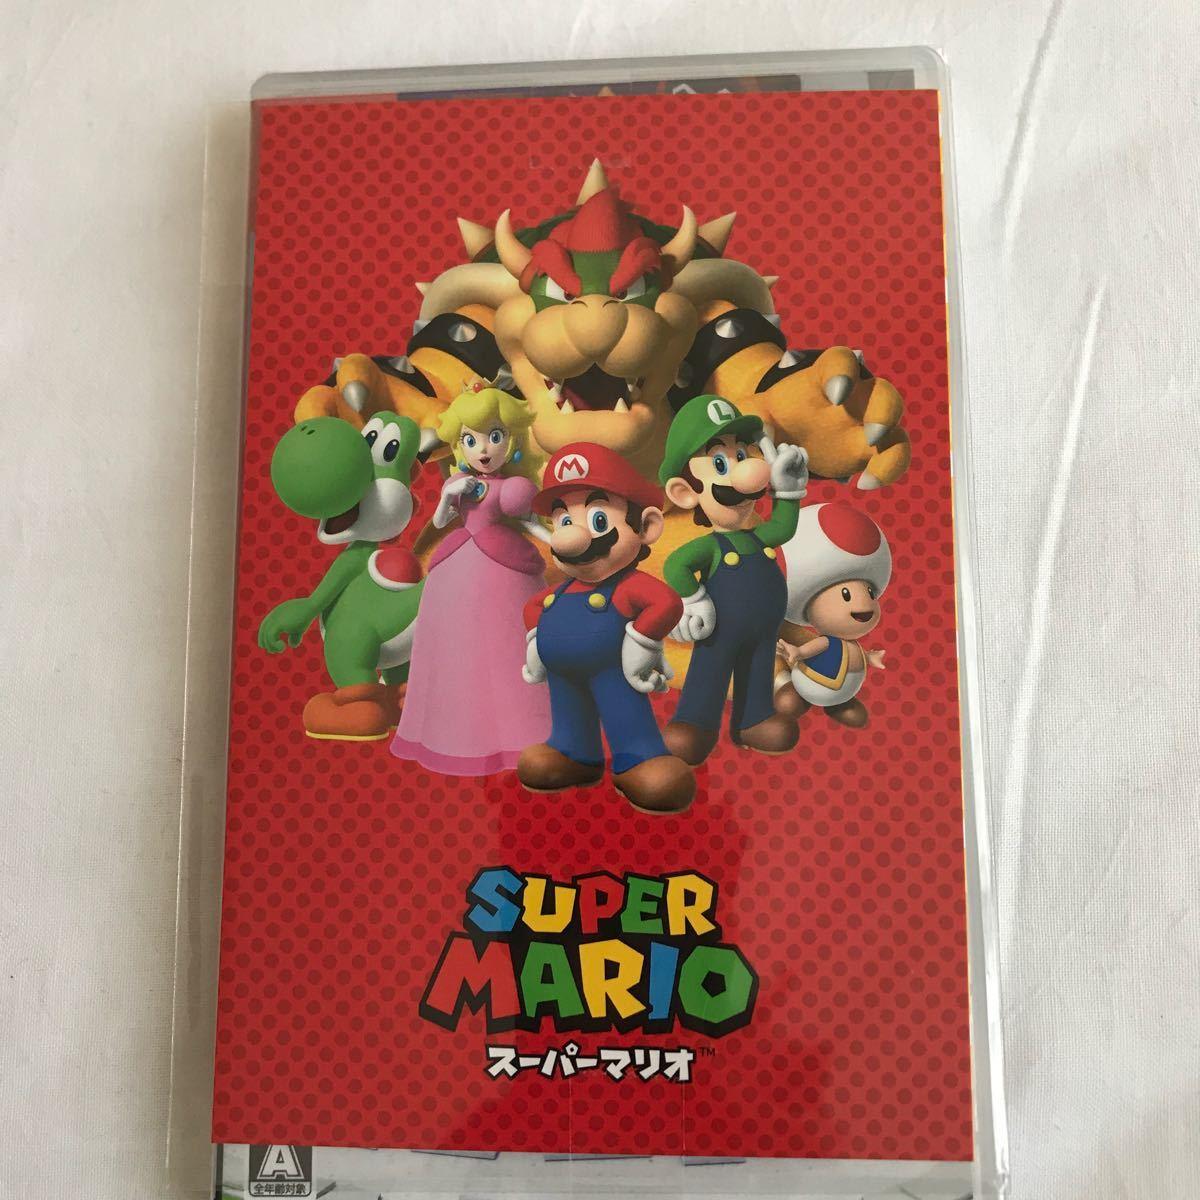 特典のポストカード付き 新品未開封 ペーパーマリオオリガミキング Nintendo Switch